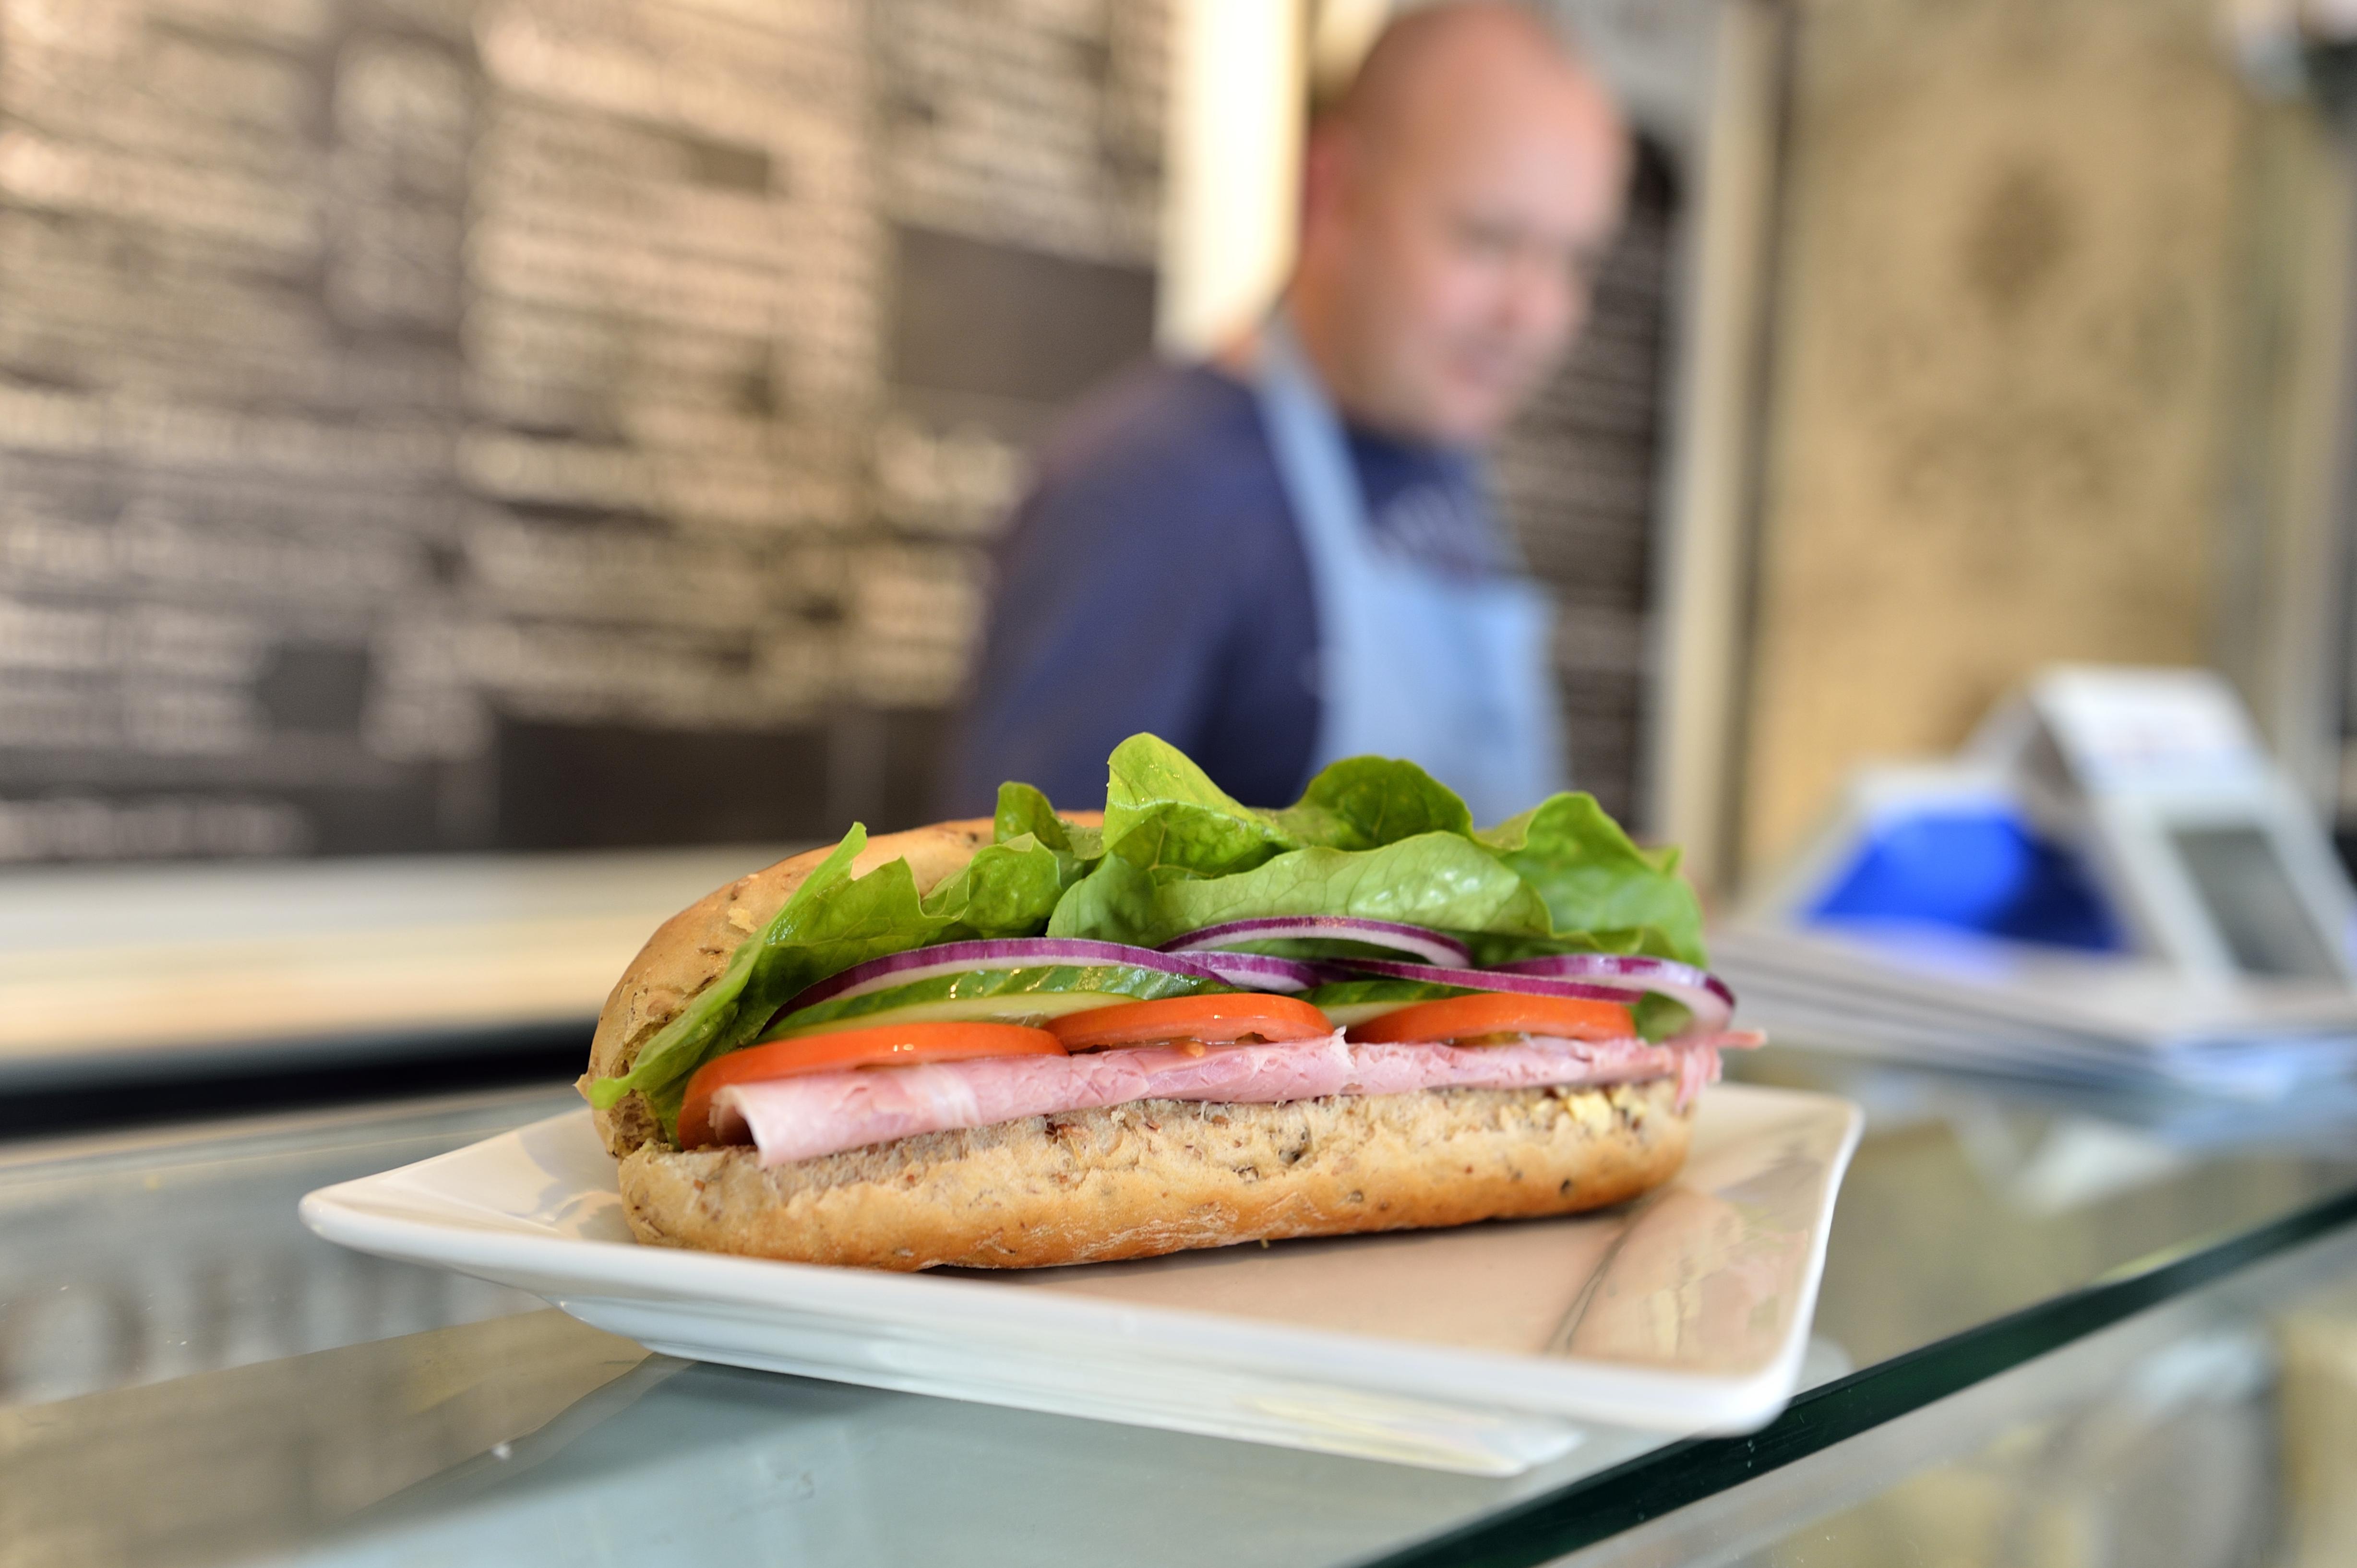 Cobblers Sub Sandwich & Interior